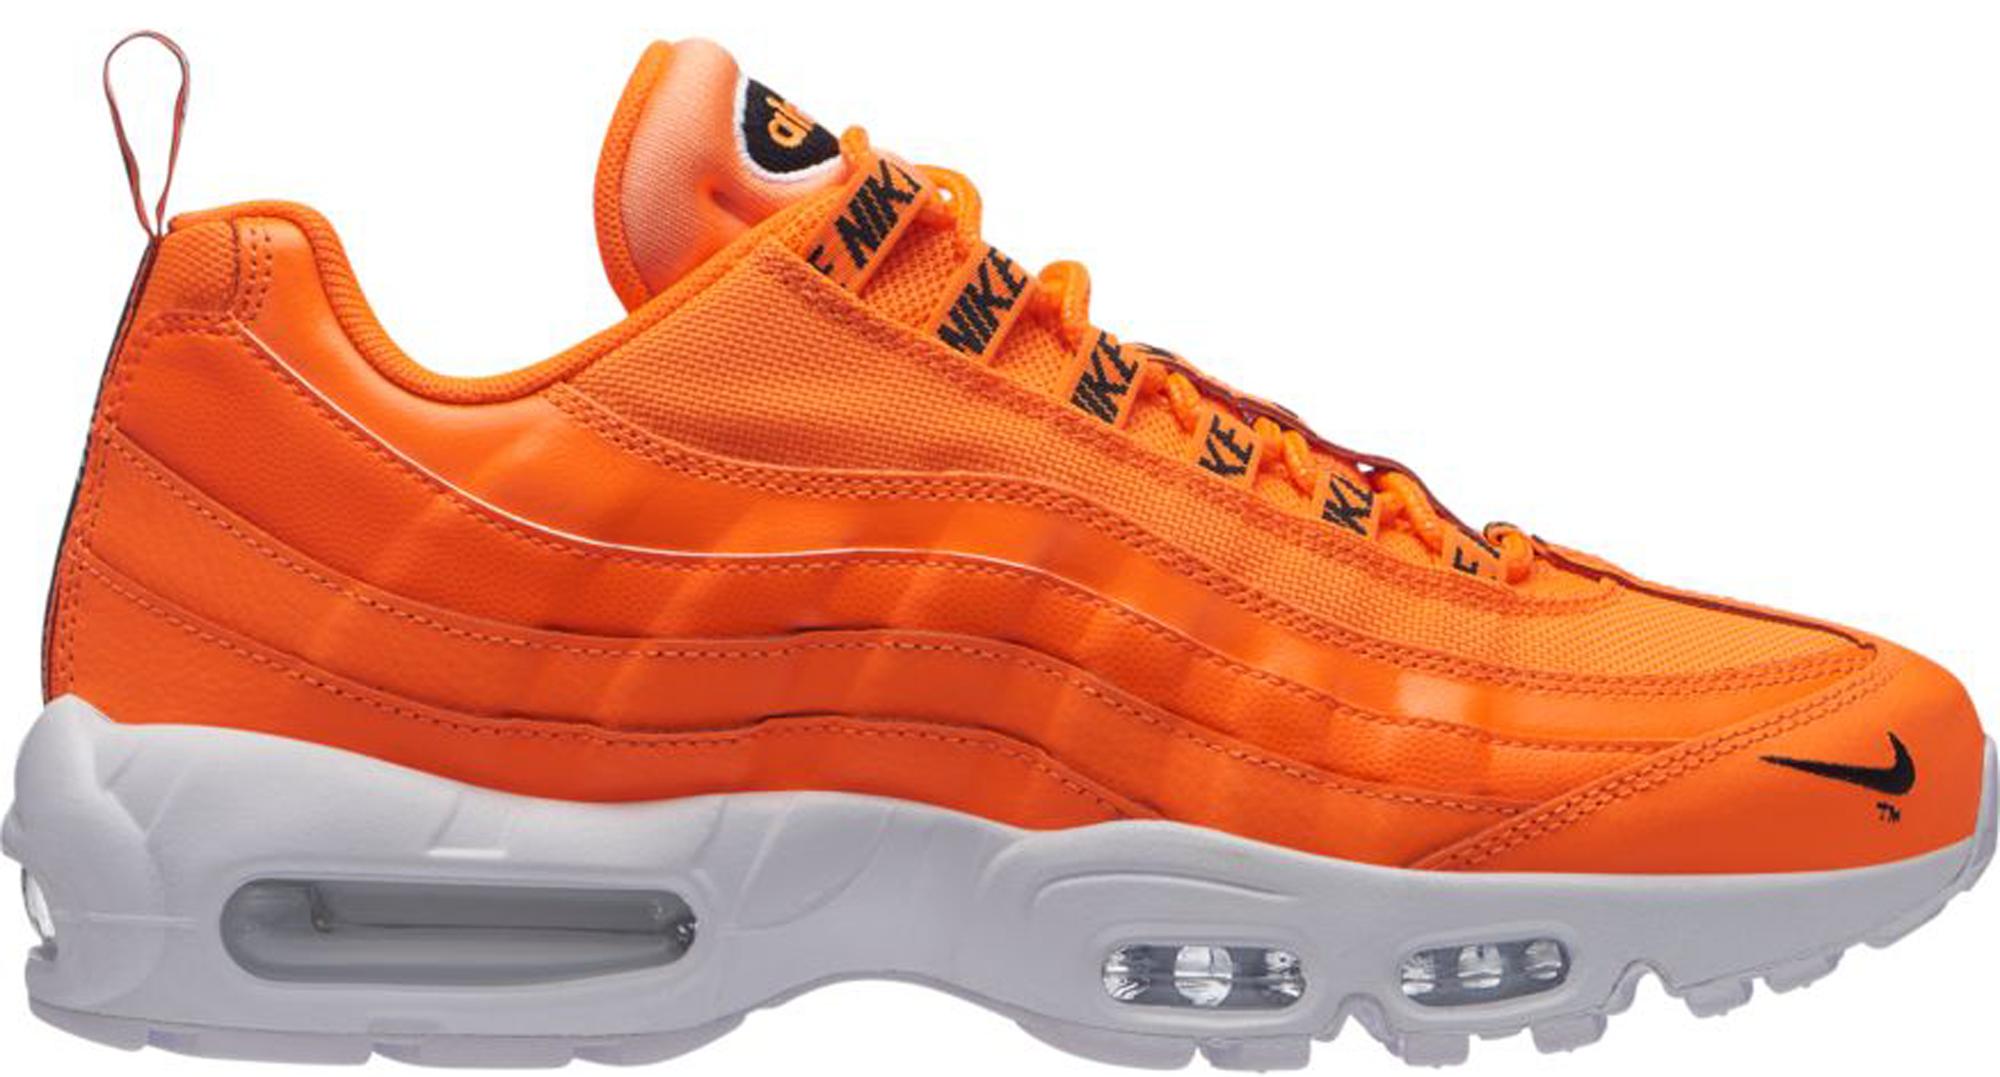 Air Max 95 Overbranding Total Orange